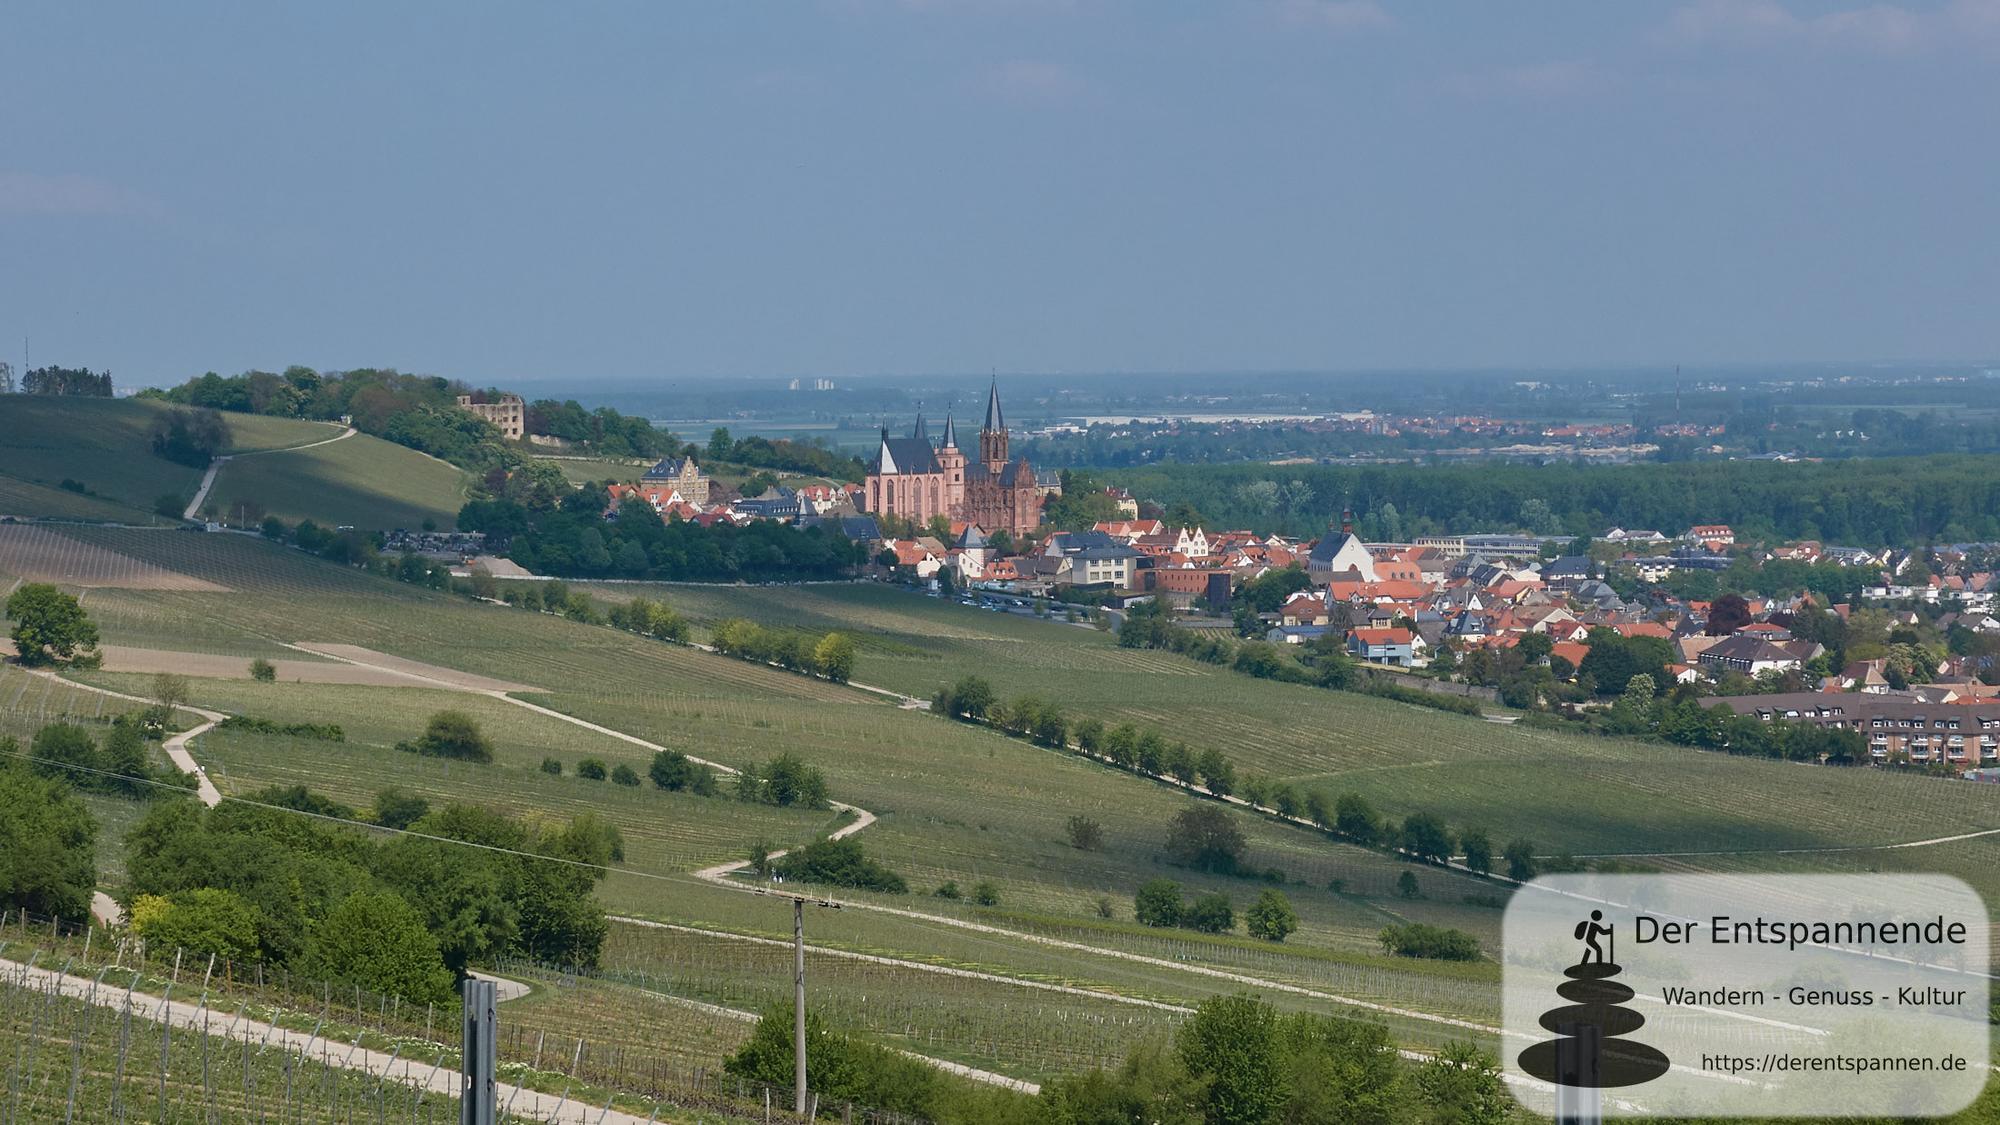 Oppenheimer Rheinterrassen-Wanderung statt Niersteiner Drei-Türme-Wanderung